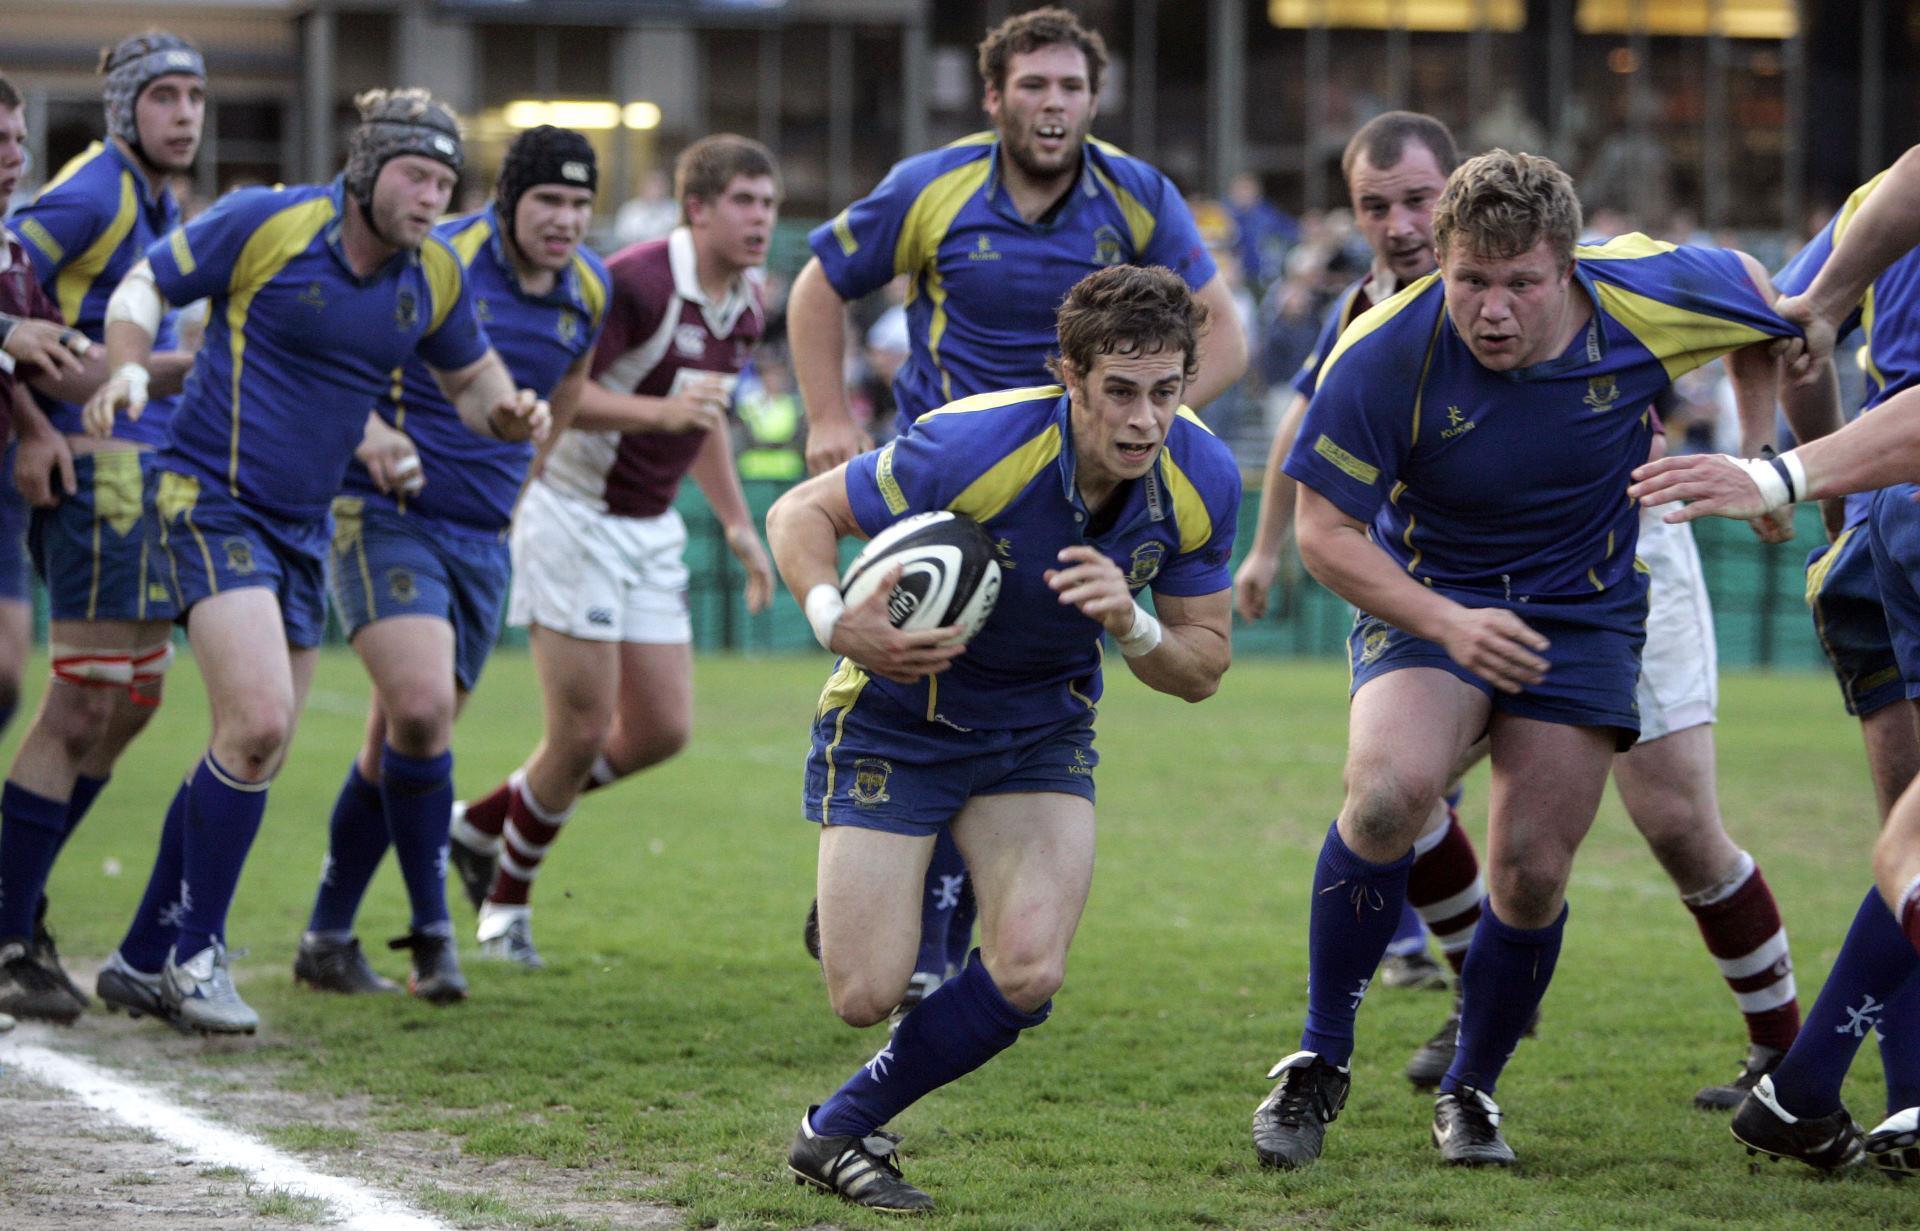 espoir_rugby_coupe-du-monde-a-londres